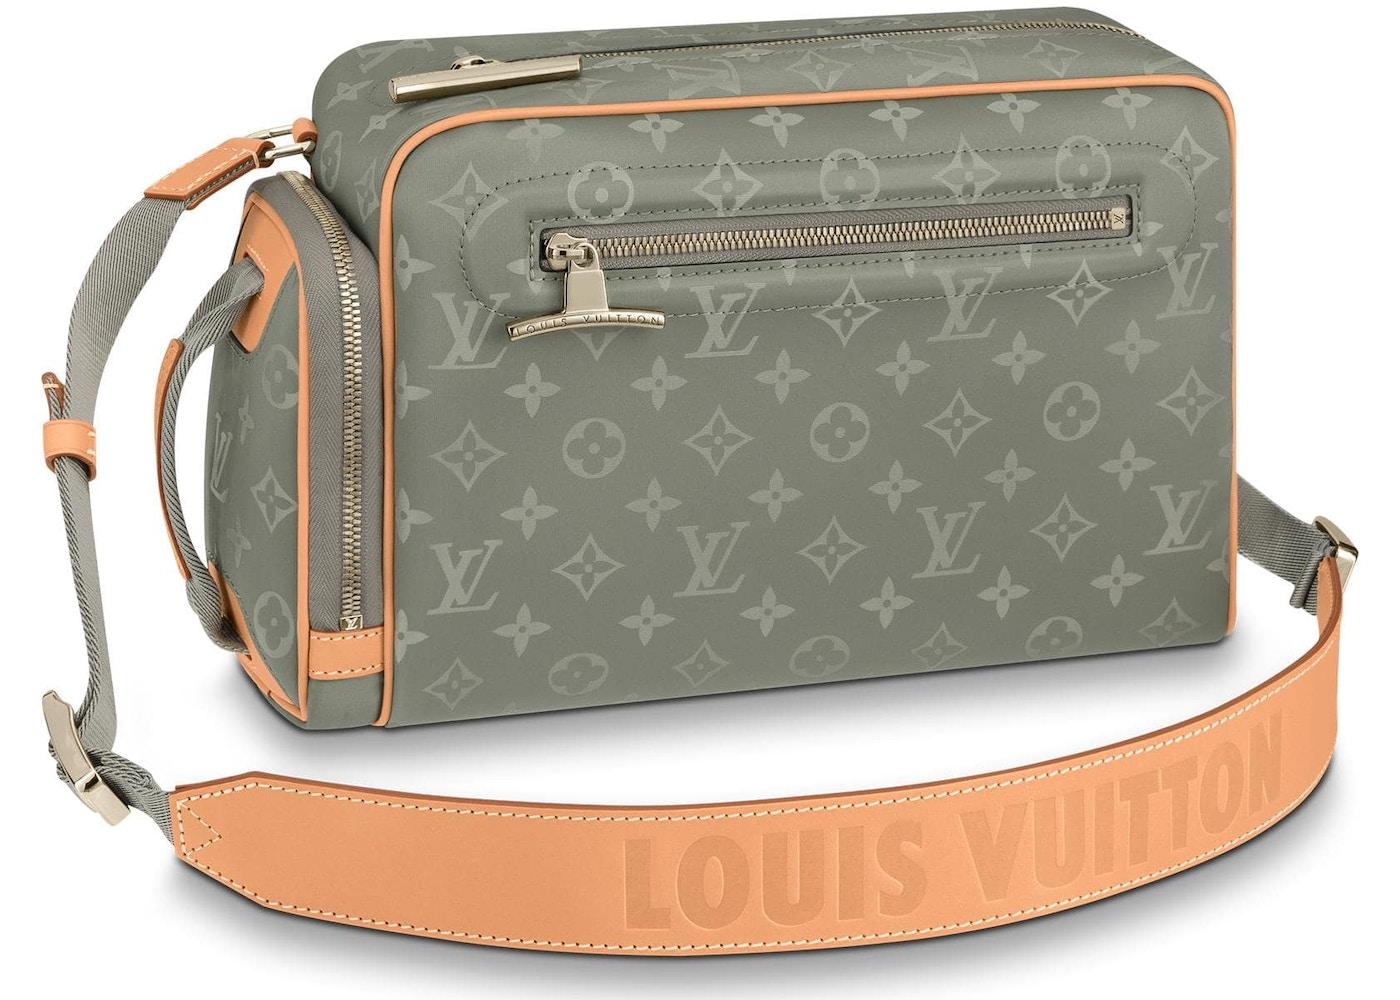 Louis Vuitton Camera Bag Monogram Anium